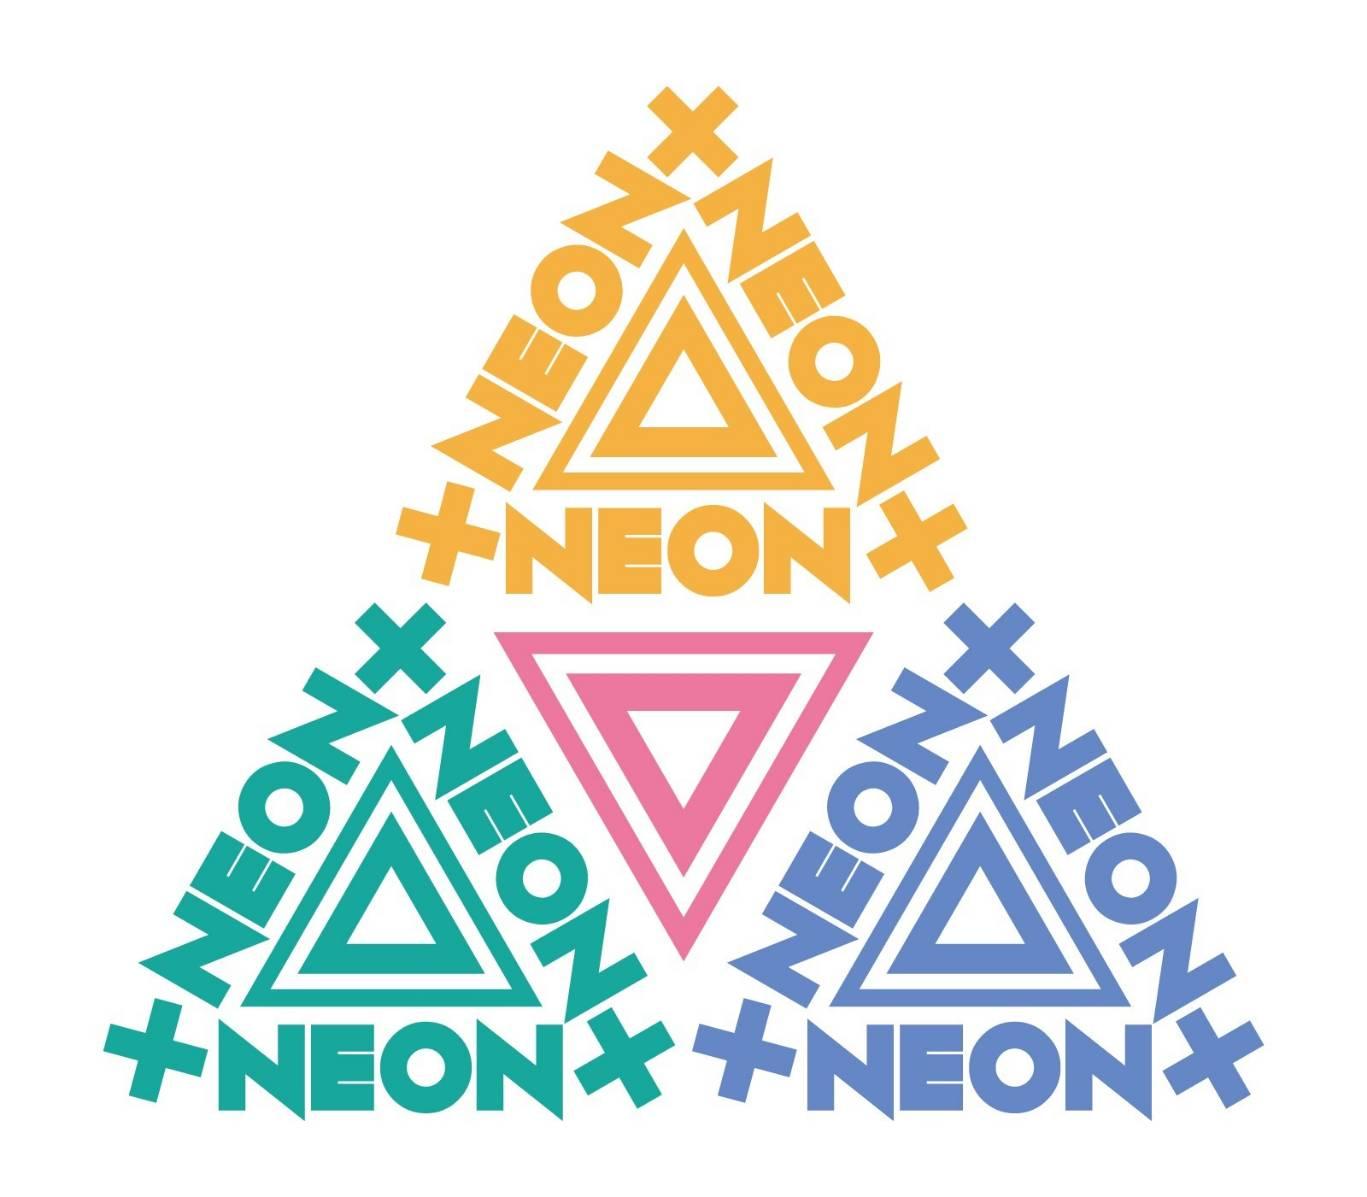 2019年6月25日(火) 『NEON×NEON×NEON』